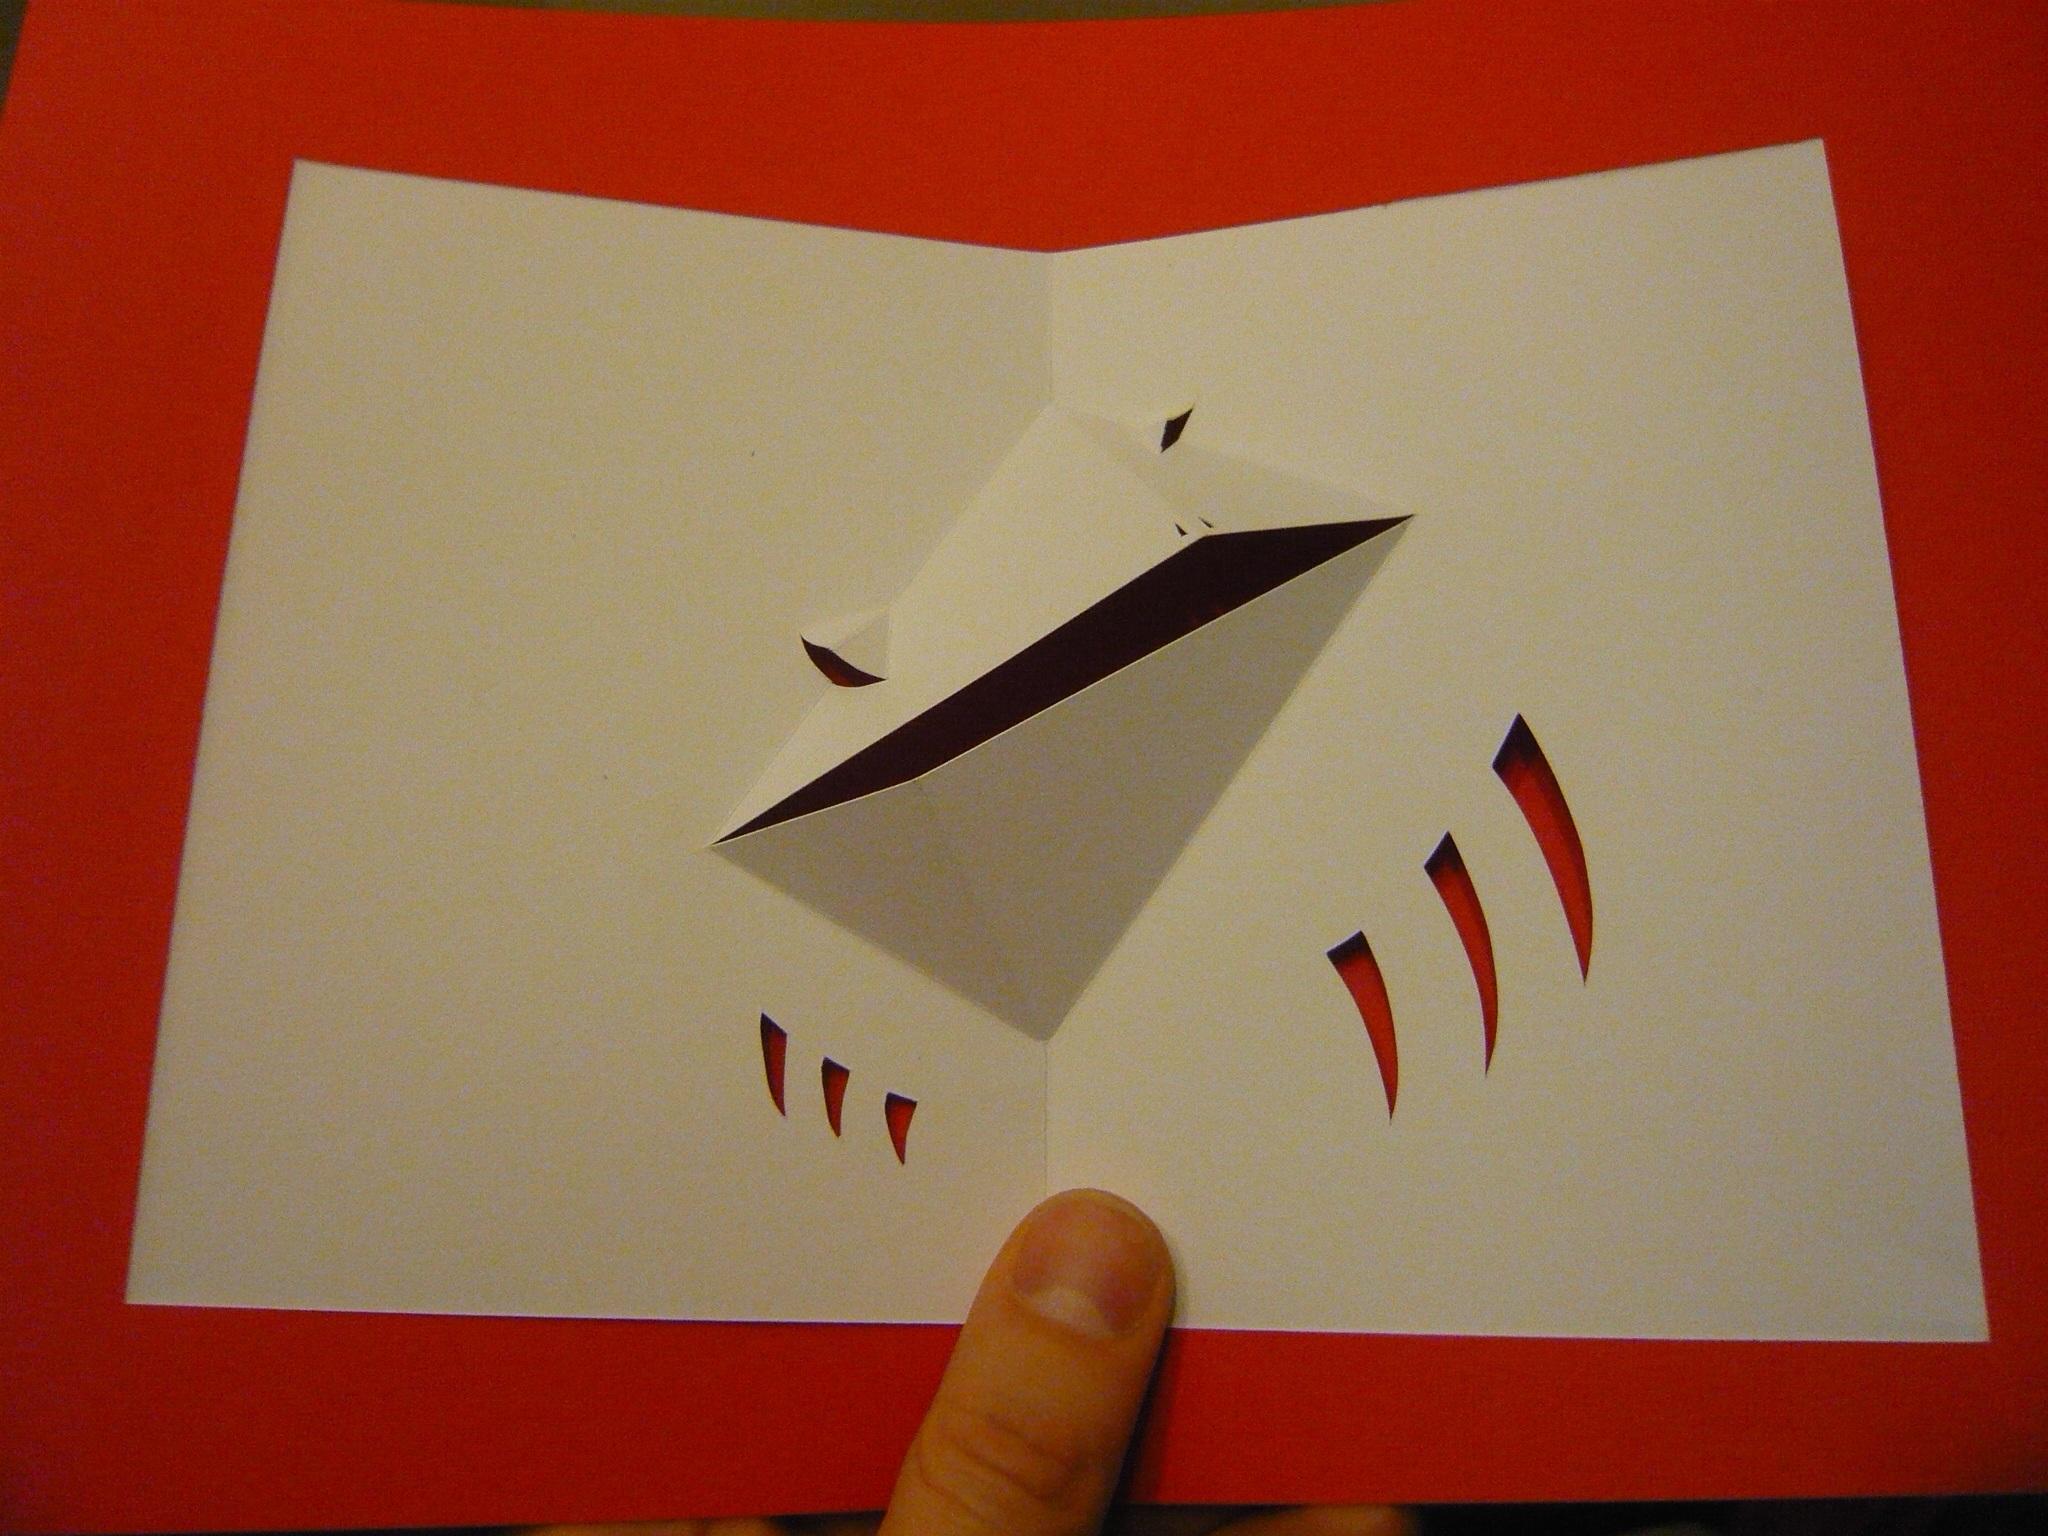 Tutoriel comment fabriquer une grenouille pop up d jant e et unique l 39 art du pop up - Comment faire une grenouille en papier ...